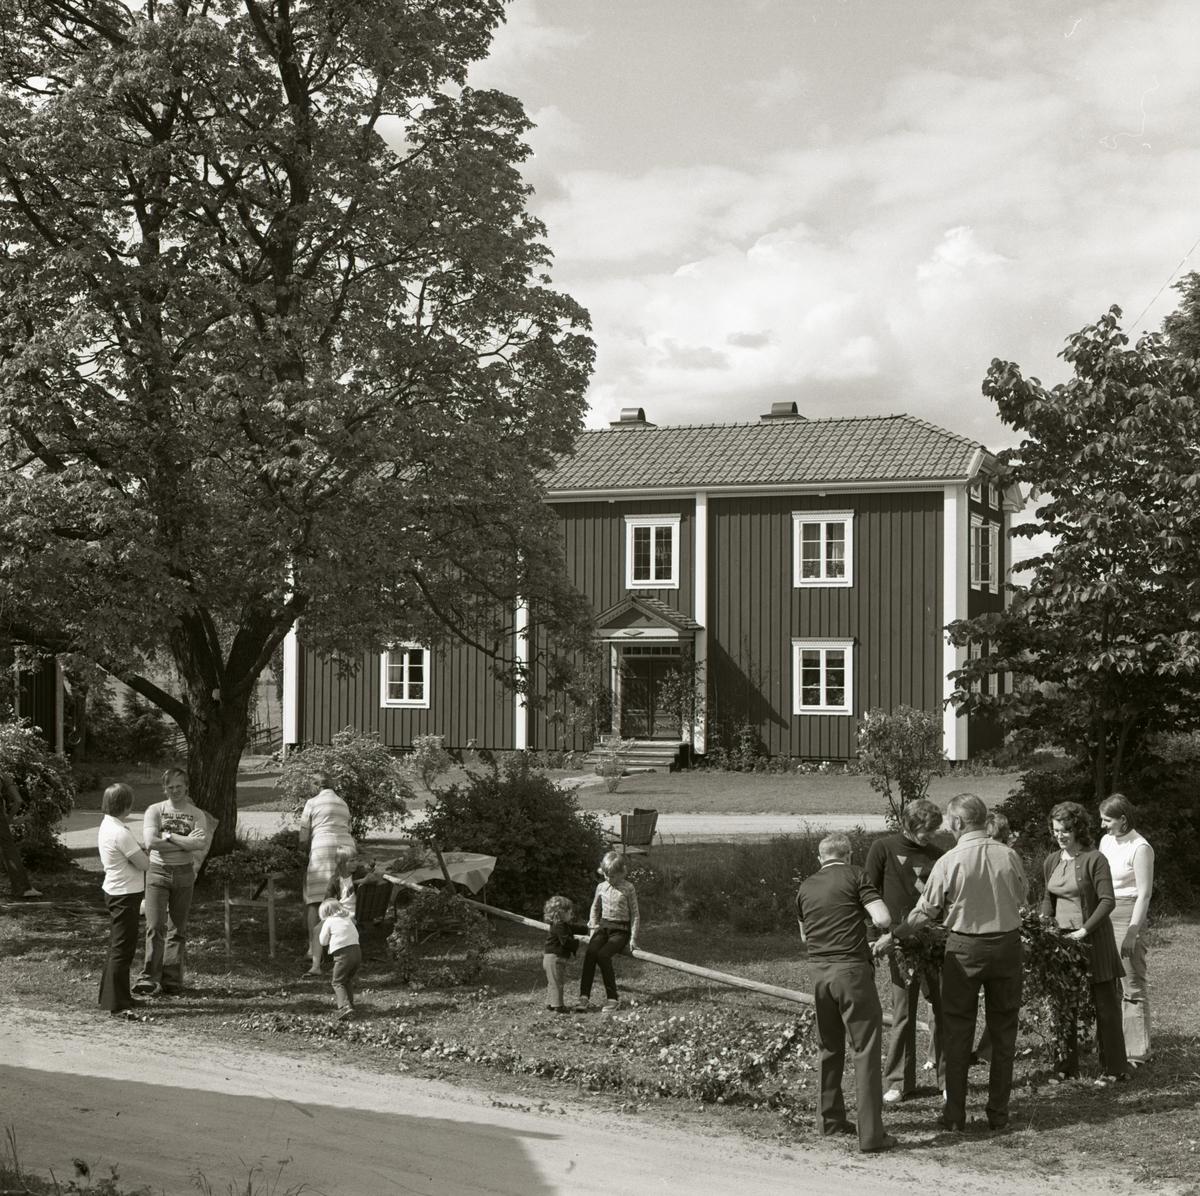 En grupp människor klär midsommarstången vid gården Sunnanåker, 1972.